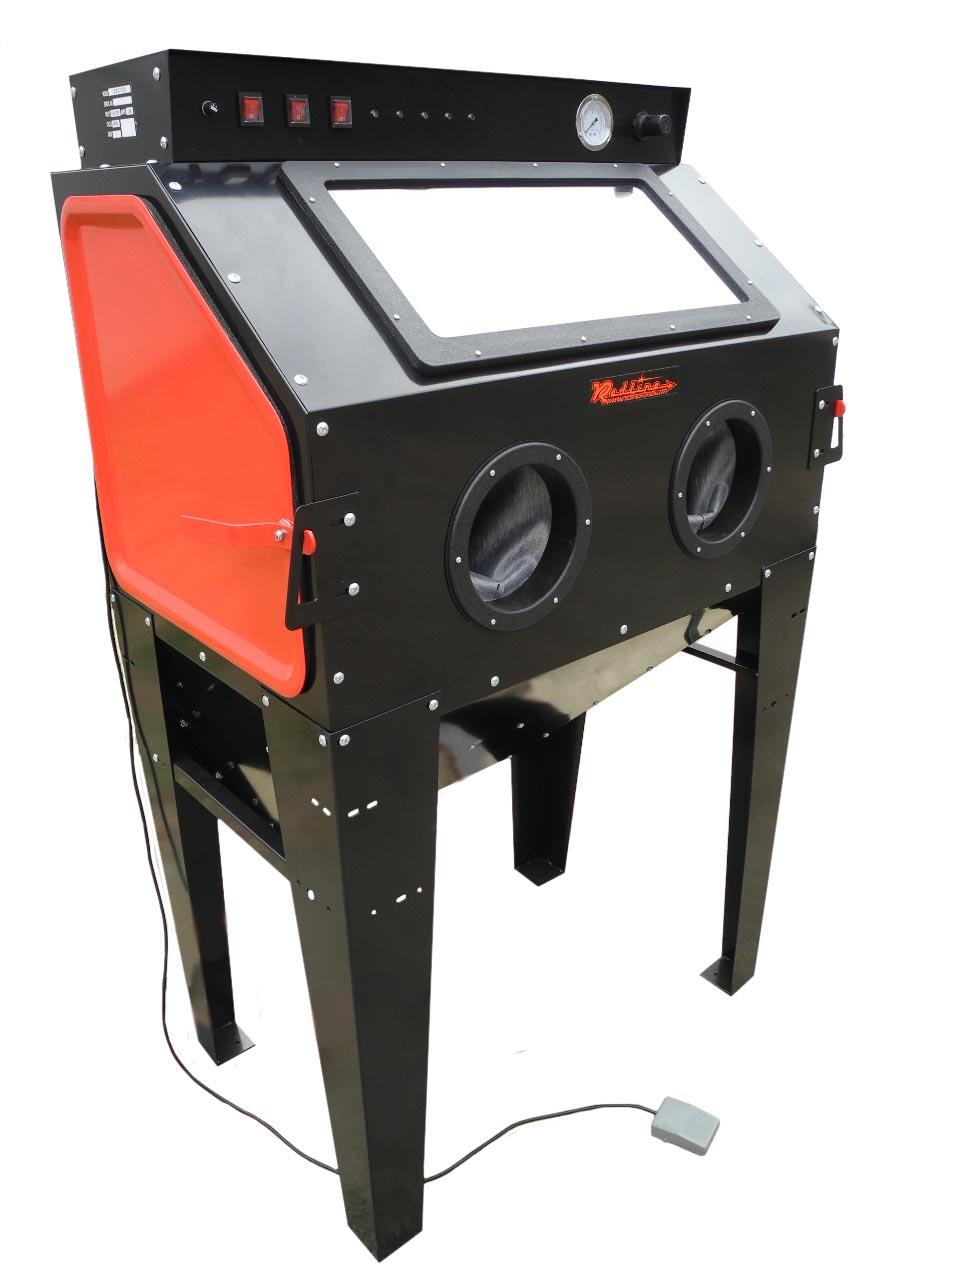 redline engineering re40 abrasive sand blasting cabinet free shipping. Black Bedroom Furniture Sets. Home Design Ideas